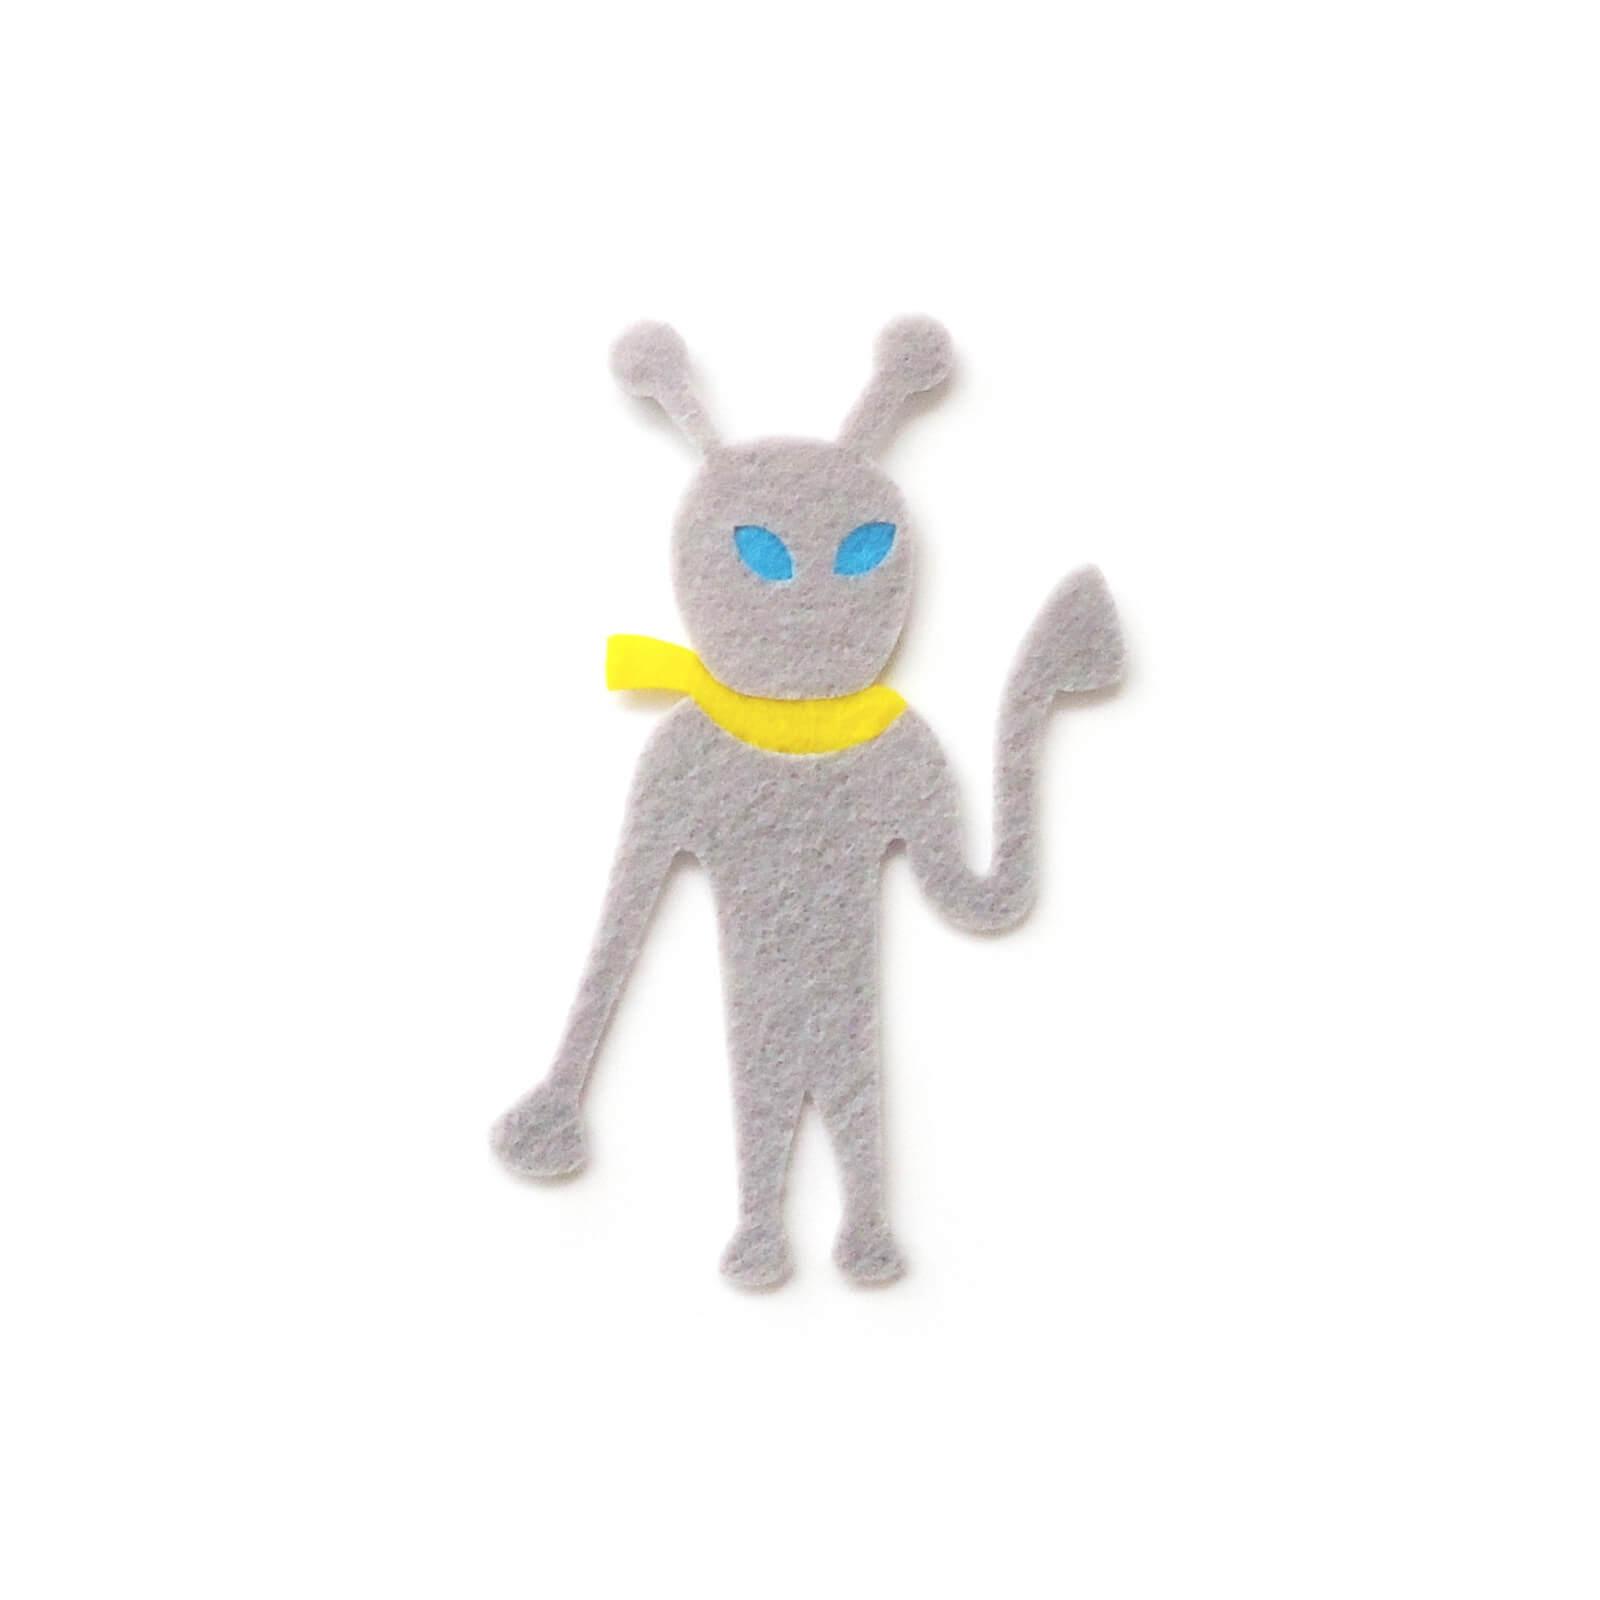 おしゃれなフェルトの宇宙人のアップリケ(ワッペン)